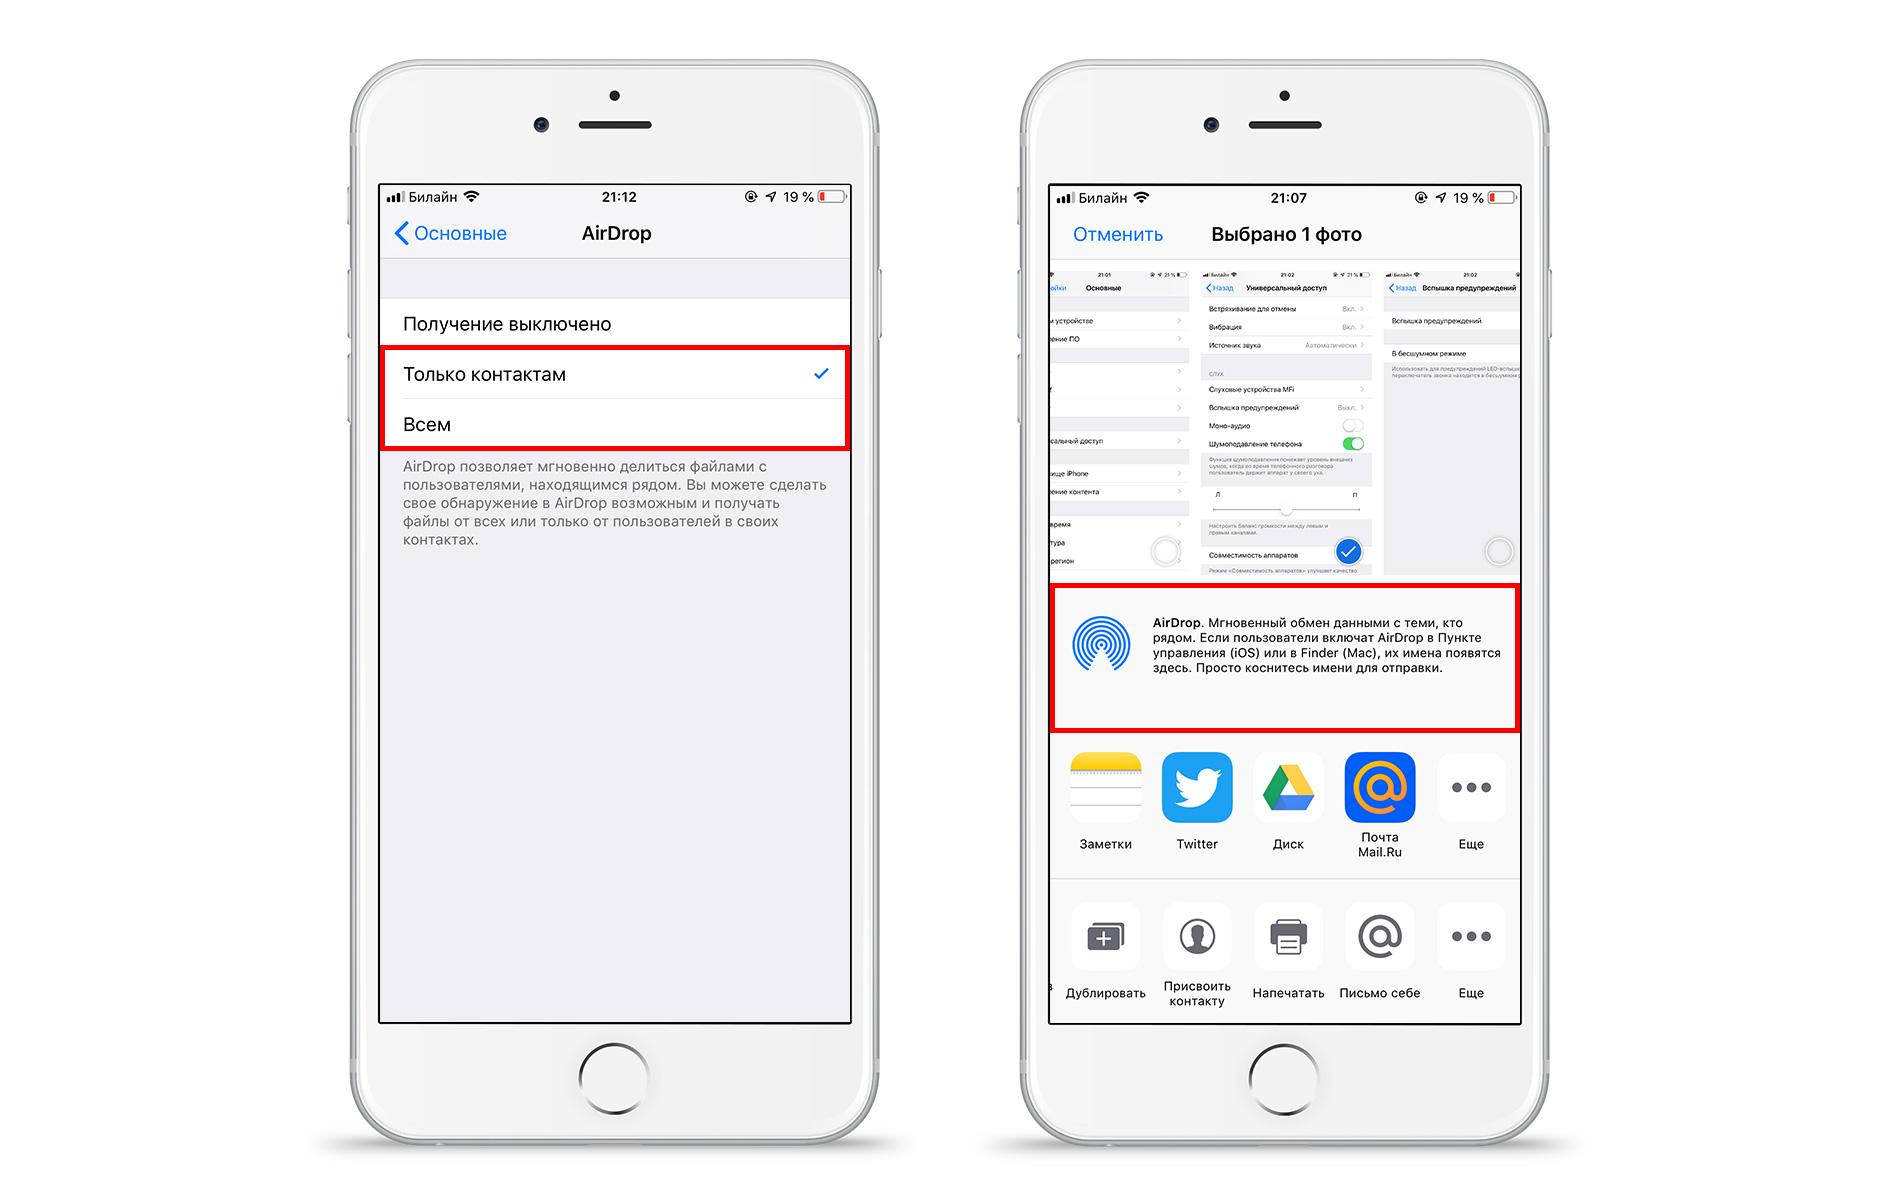 Работа функции AirDrop на iPhone